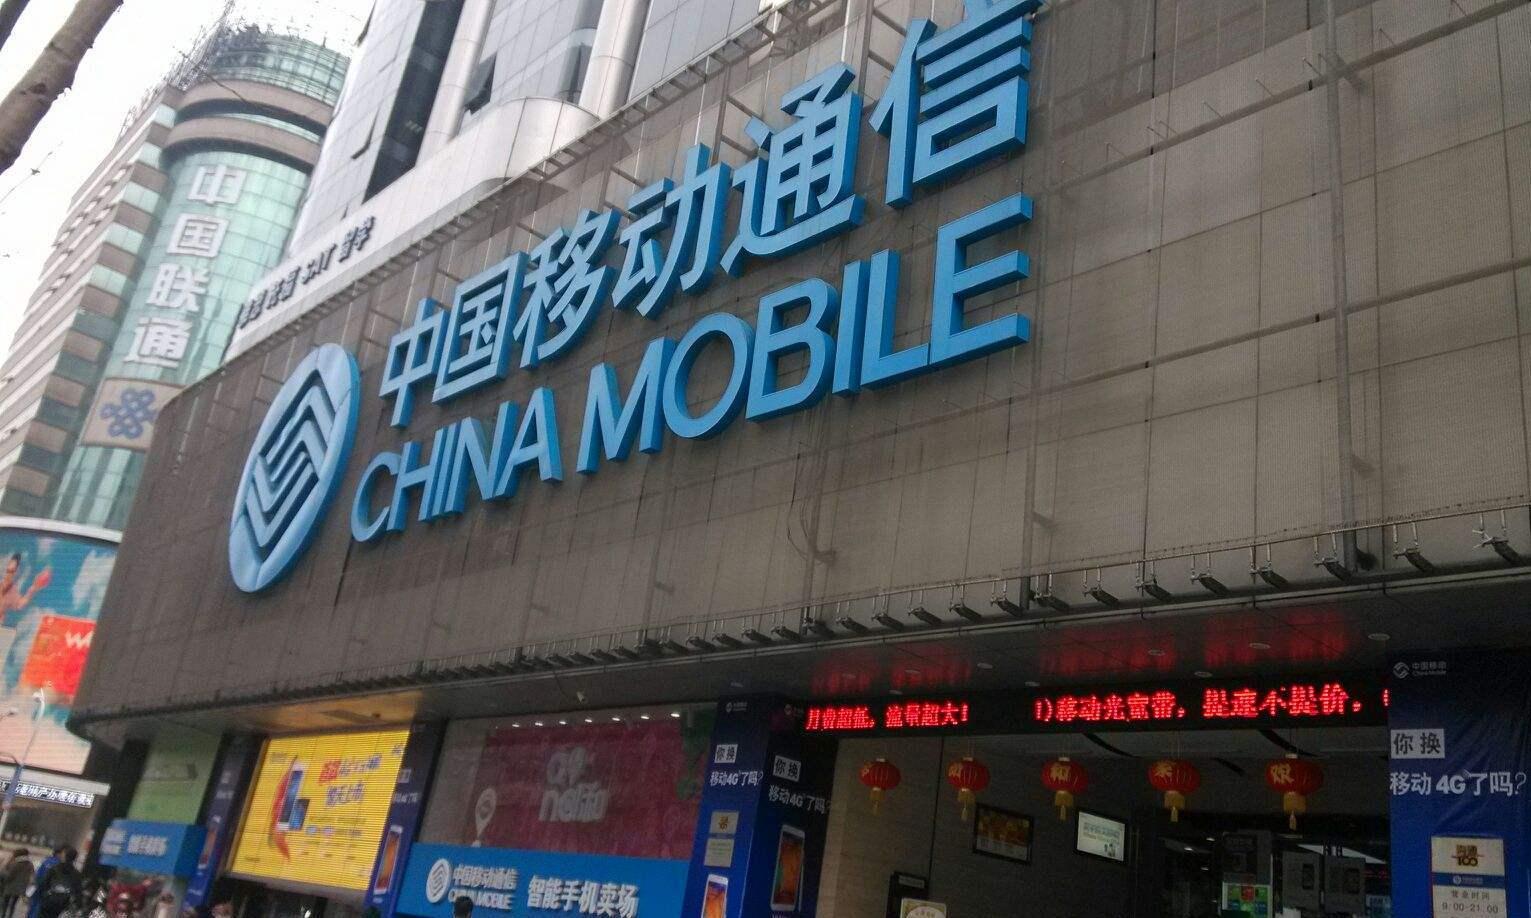 中国移动5G用户数公布,4G真的落伍了?